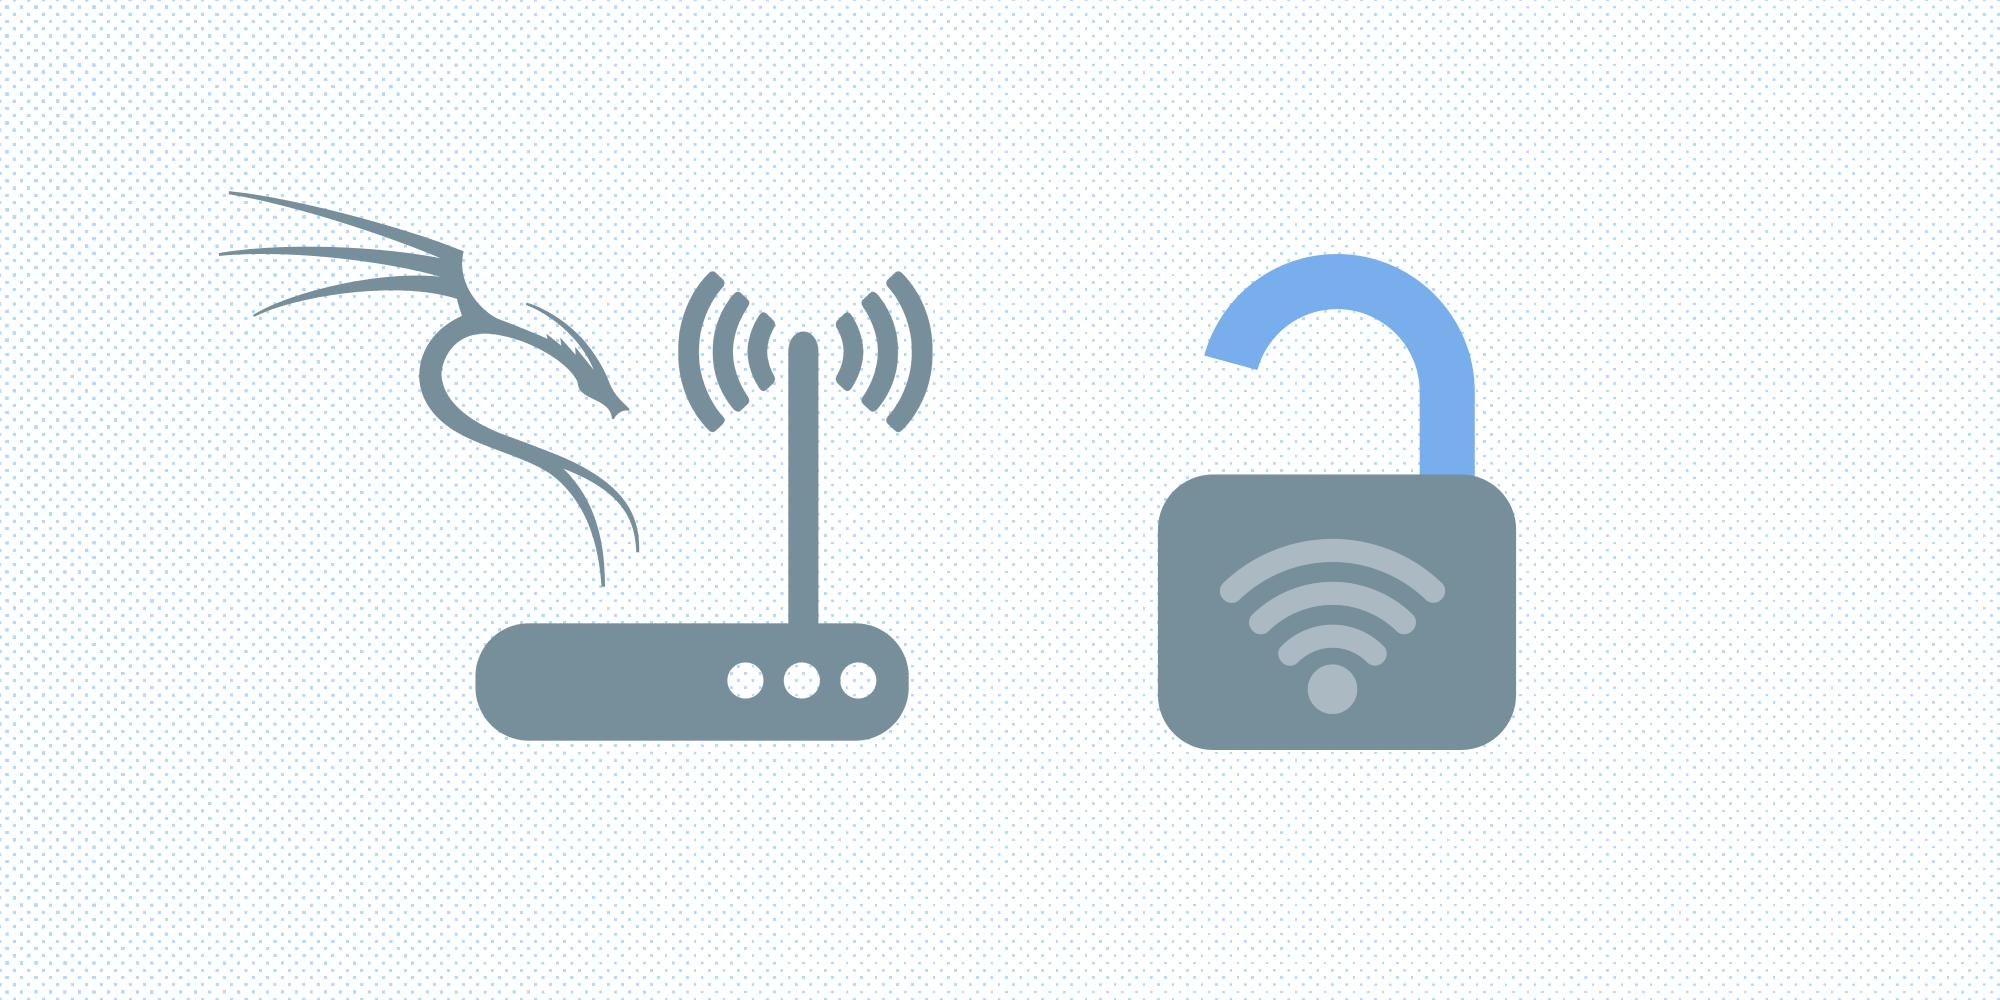 🕵 Как взломать Wi-Fi с помощью Kali Linux 2020.4 и Ubuntu 20.04